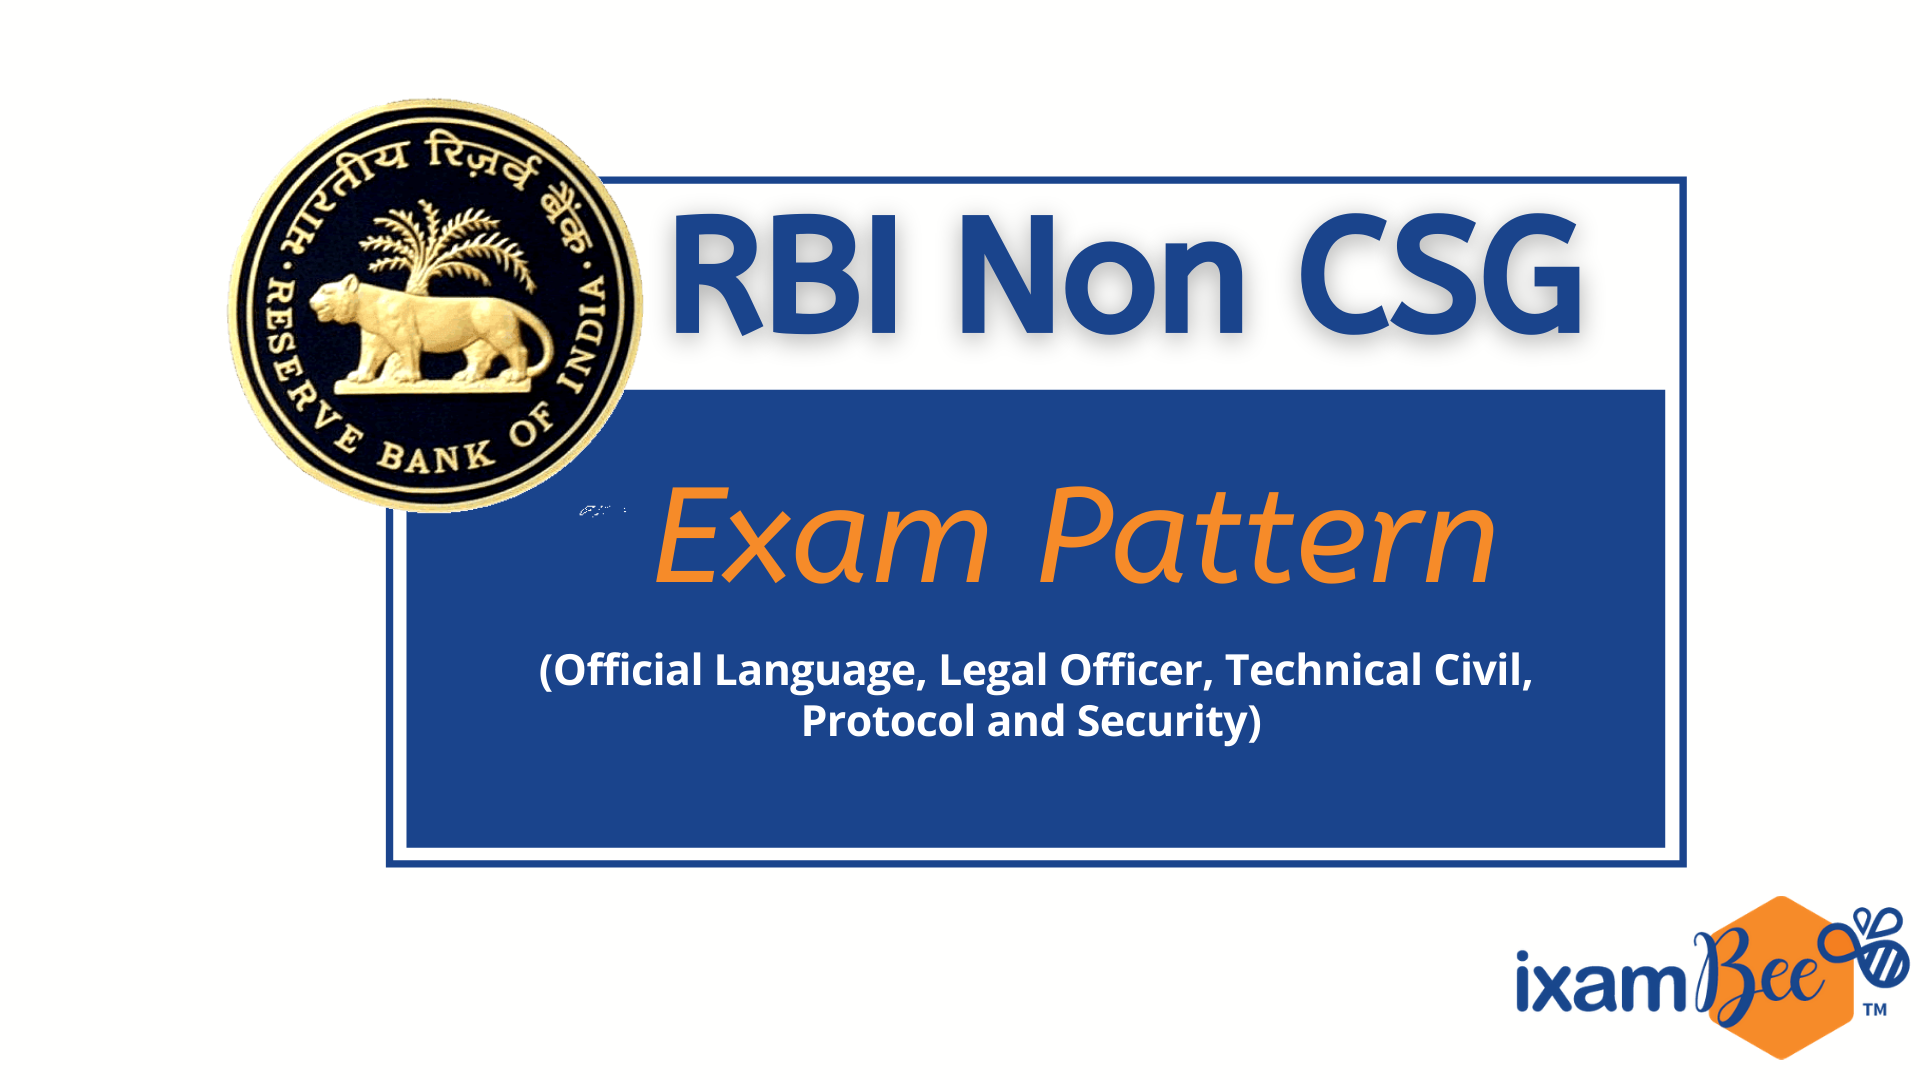 RBI Non CSG Exam pattern 2021